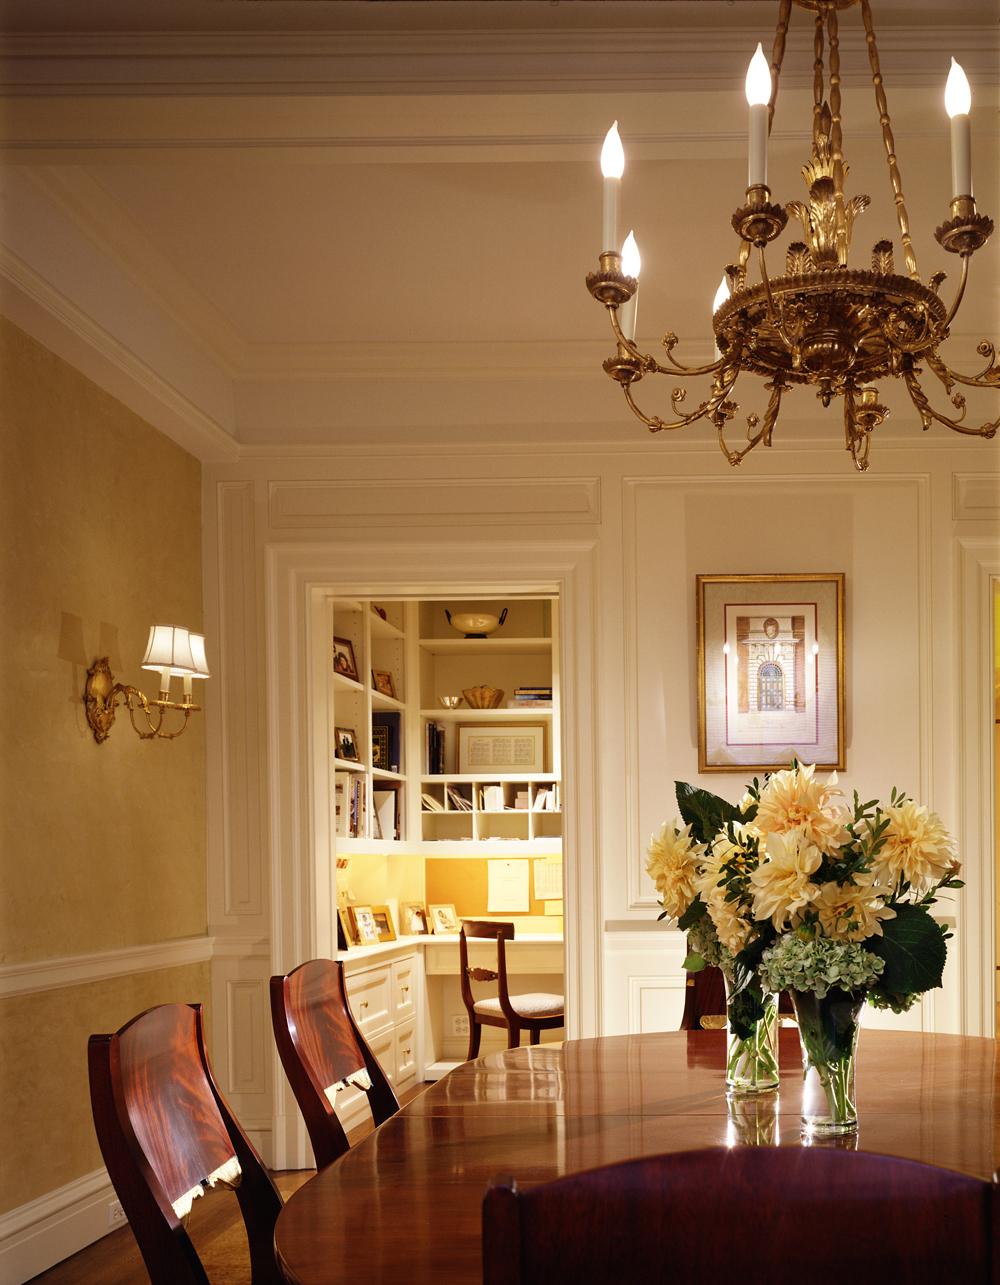 llewellyn-park-avenue-nyc-dining-room-1.jpg